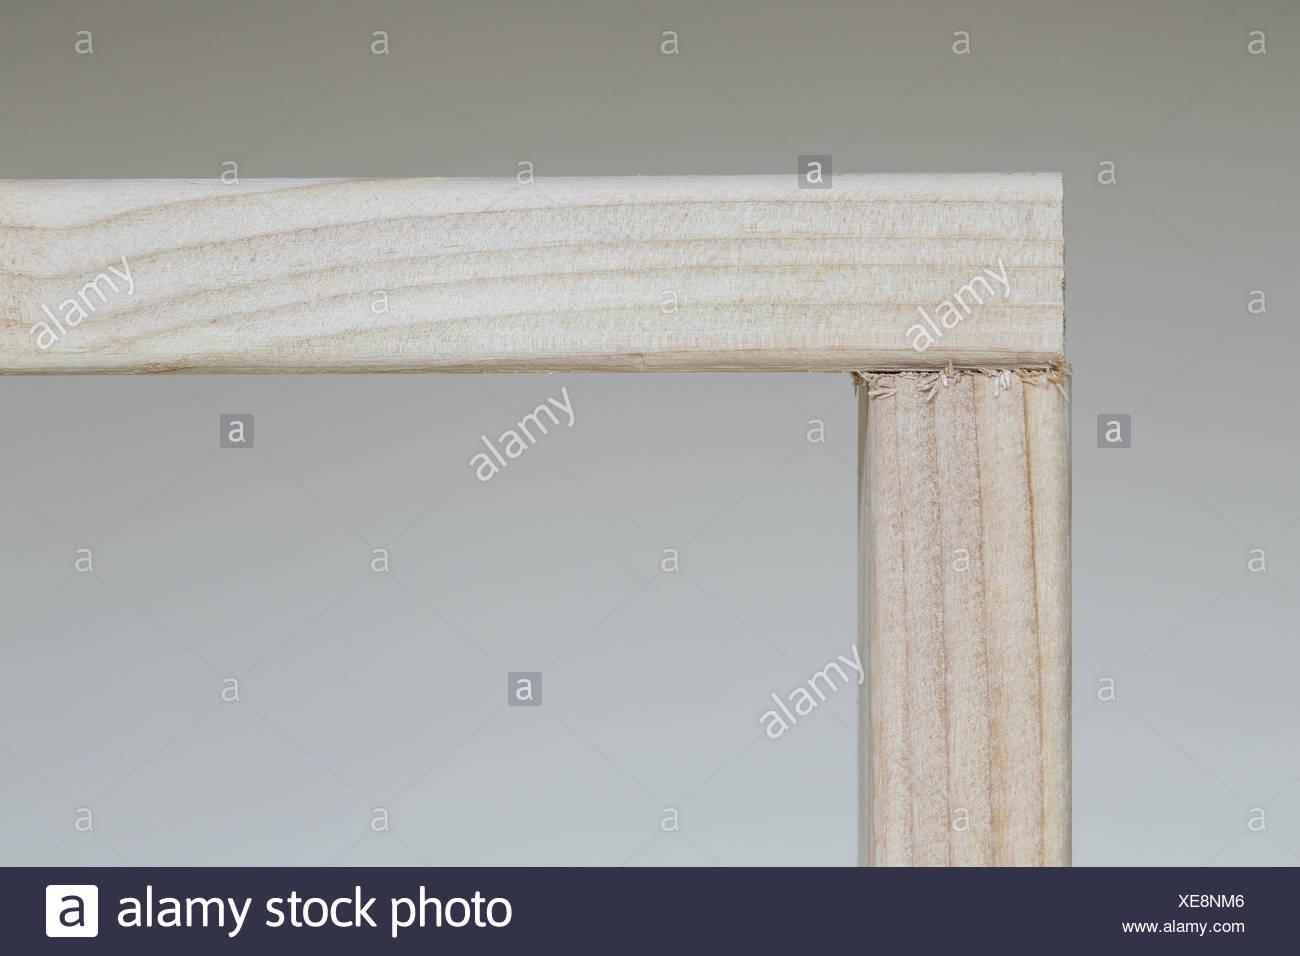 L'État de Washington USA Pin 2x4 des poteaux en bois à l'angle droit Photo Stock